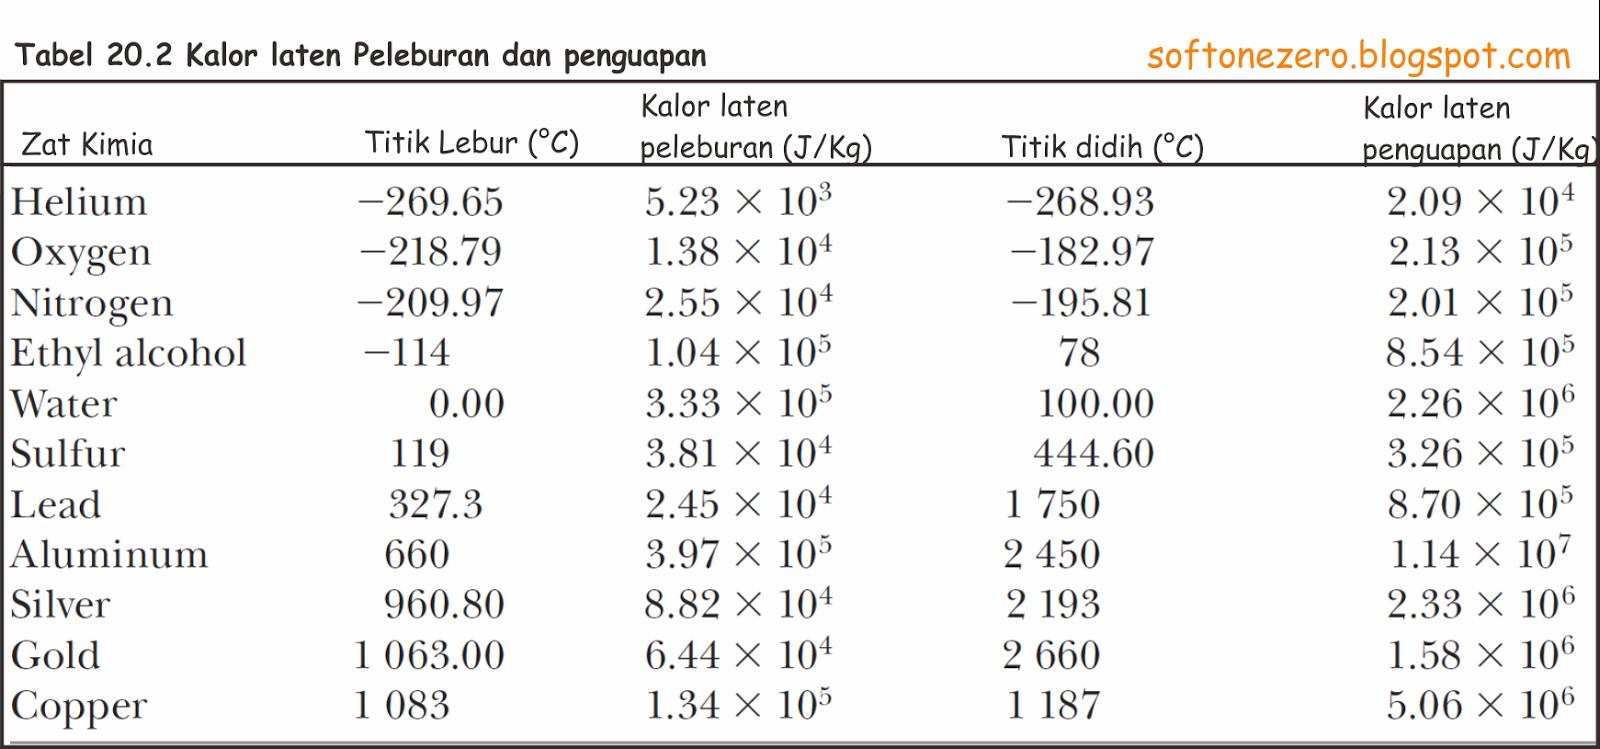 tabel kalor laten berbagai zat